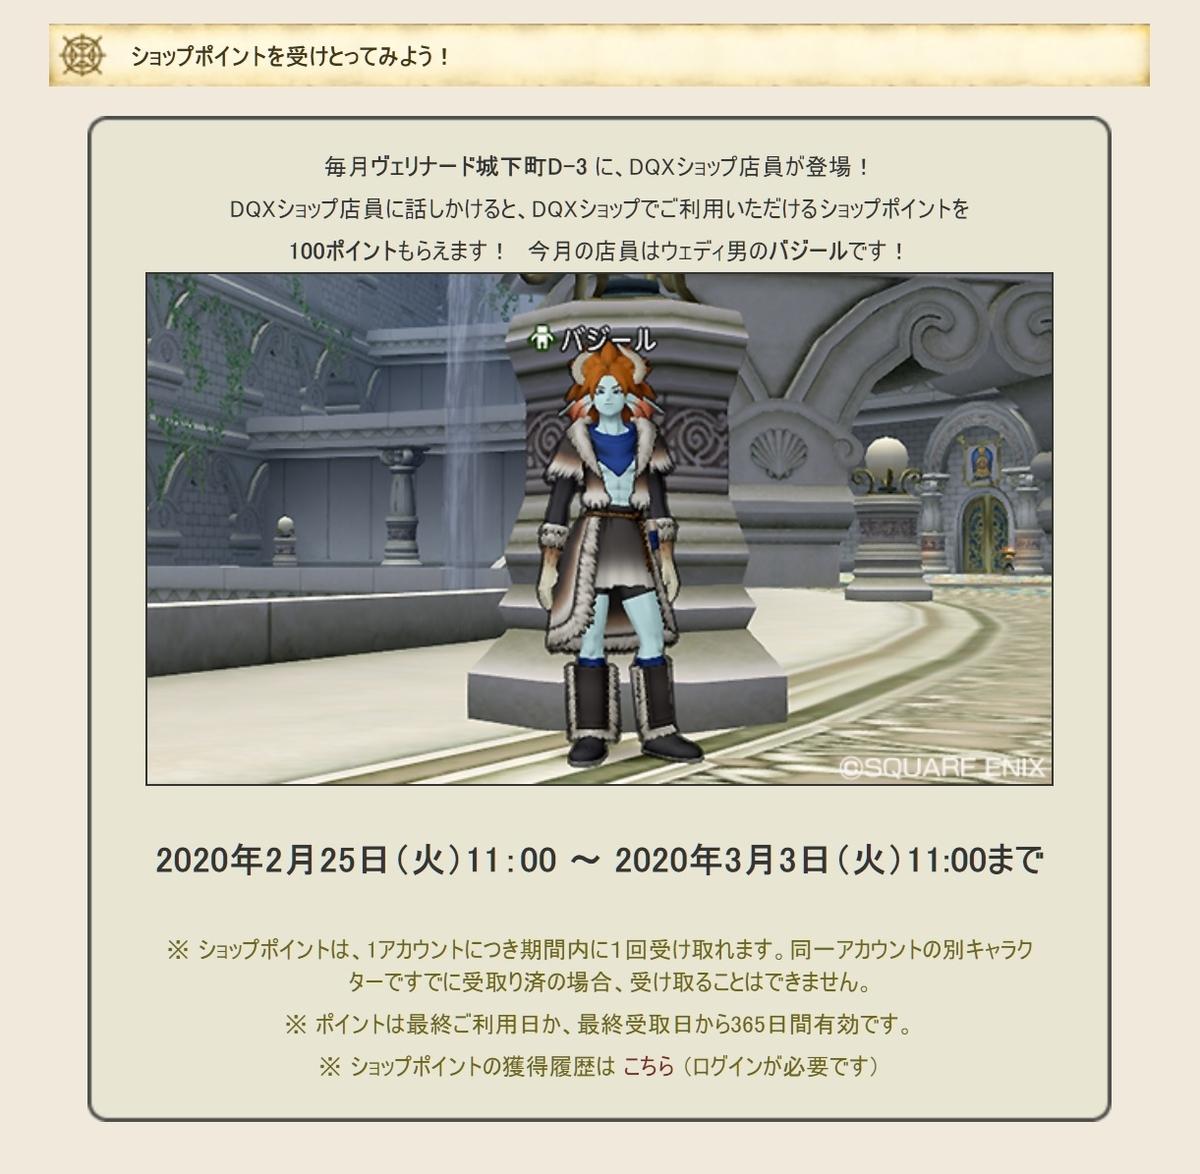 f:id:kamosakura:20200302074016j:plain